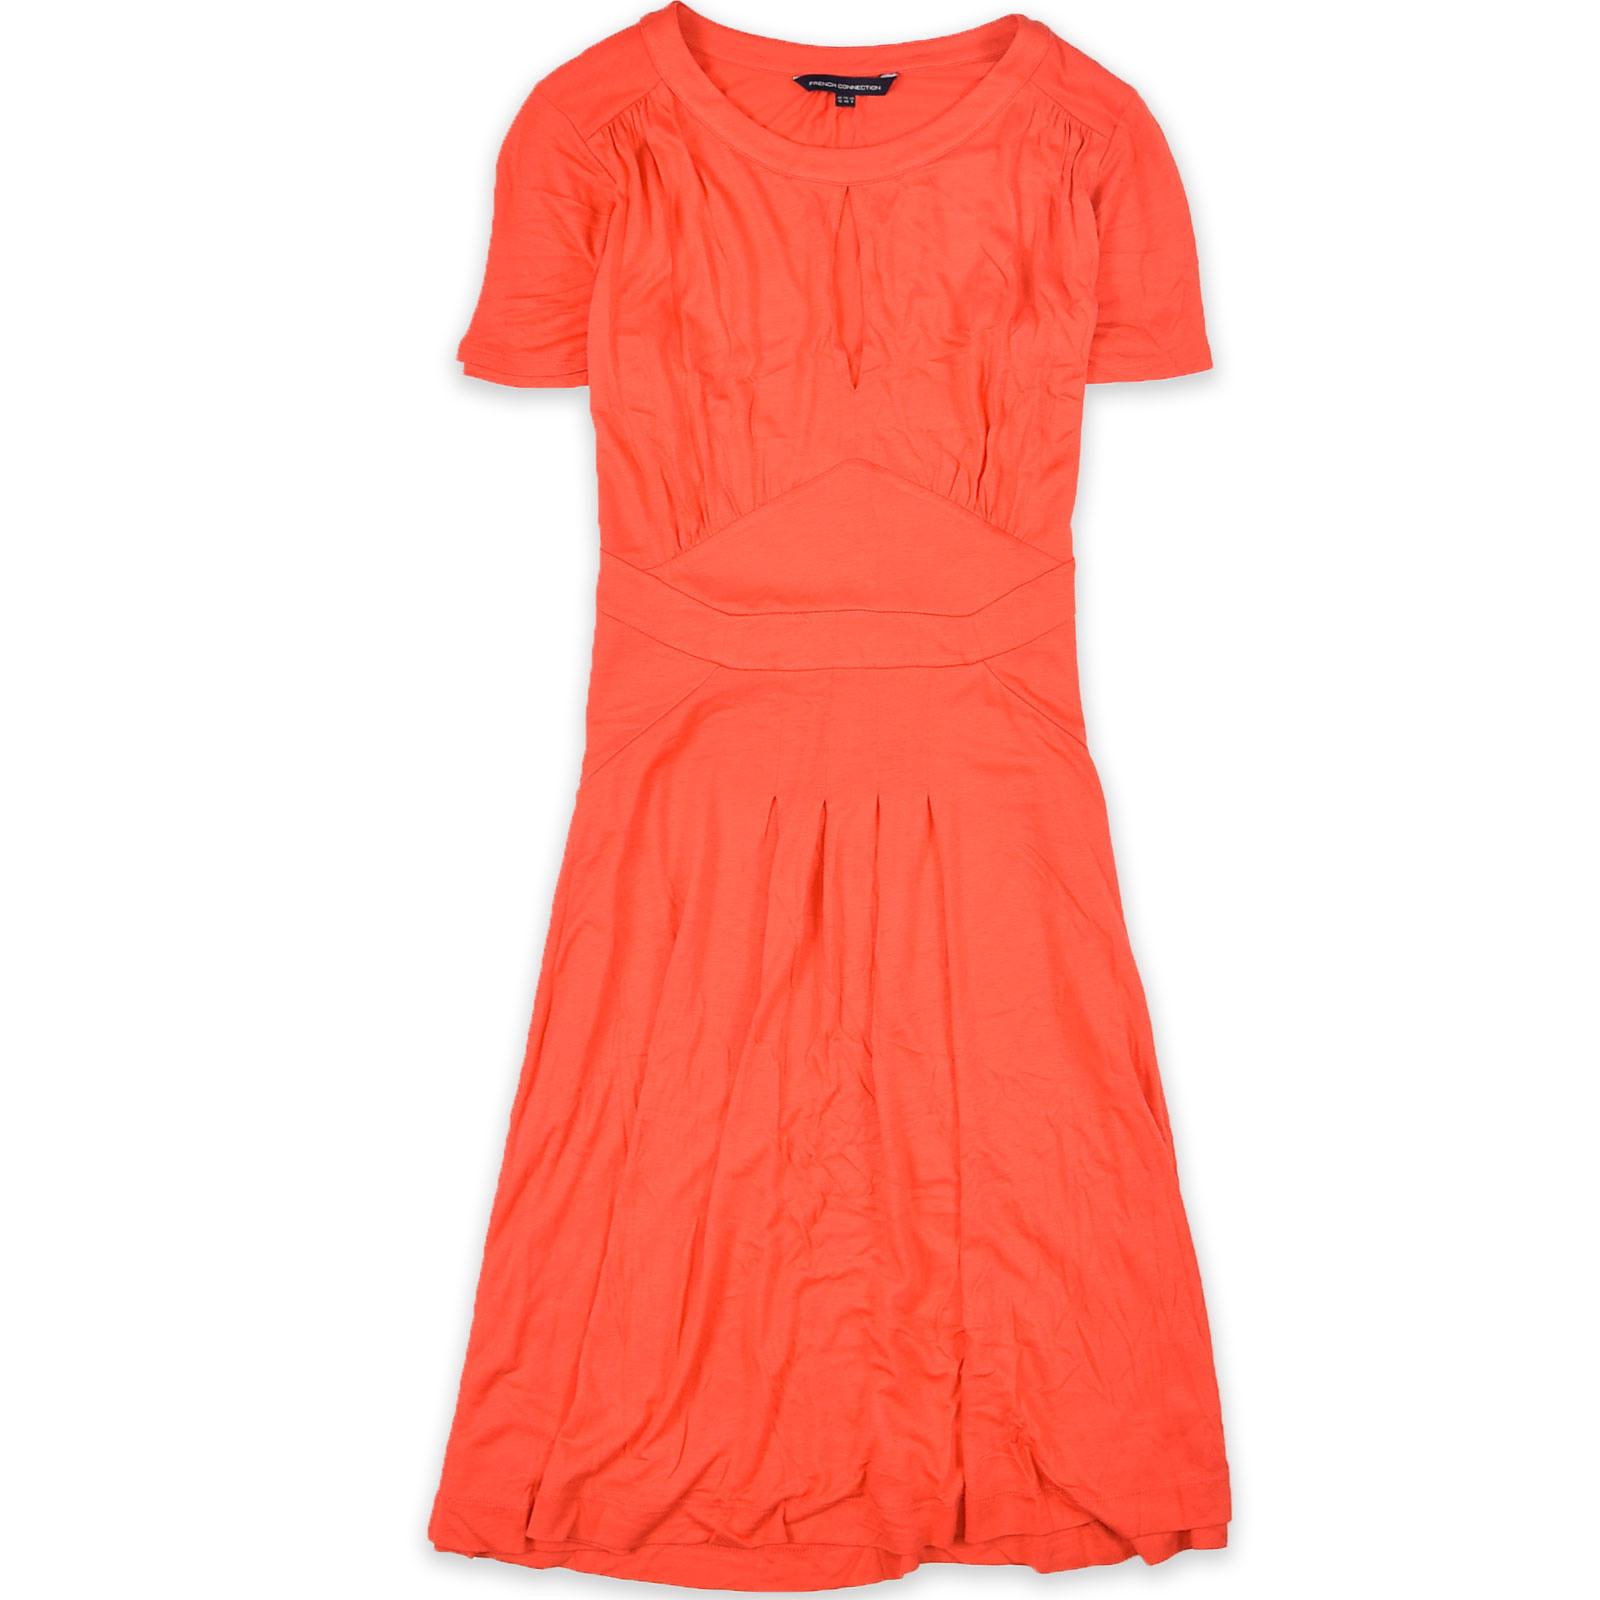 French Connection Damen Kleid Dress Aliniekleid Gr40